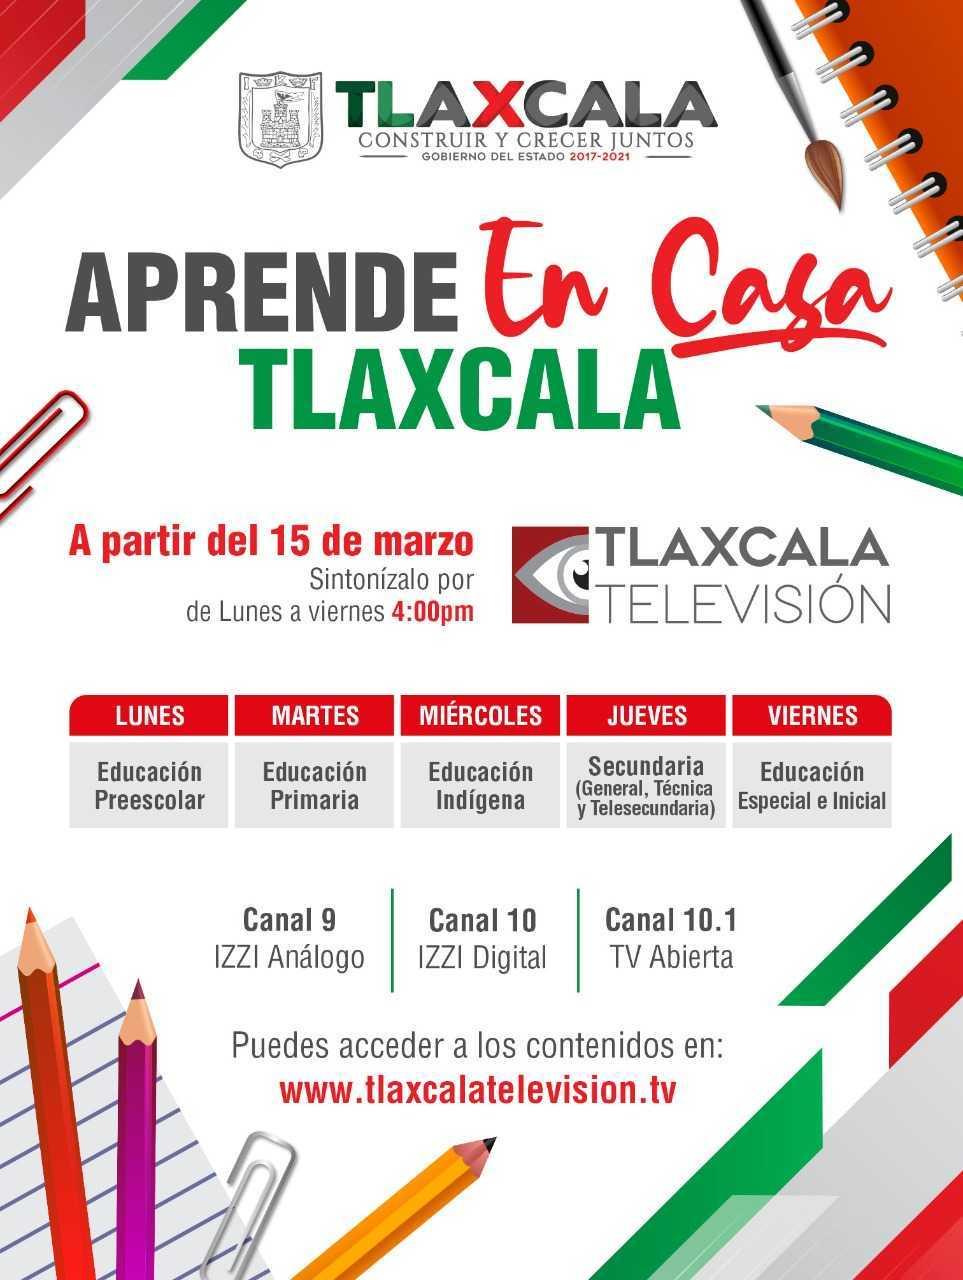 Aprende En Casa Tlaxcala Inicia el 15 de Marzo